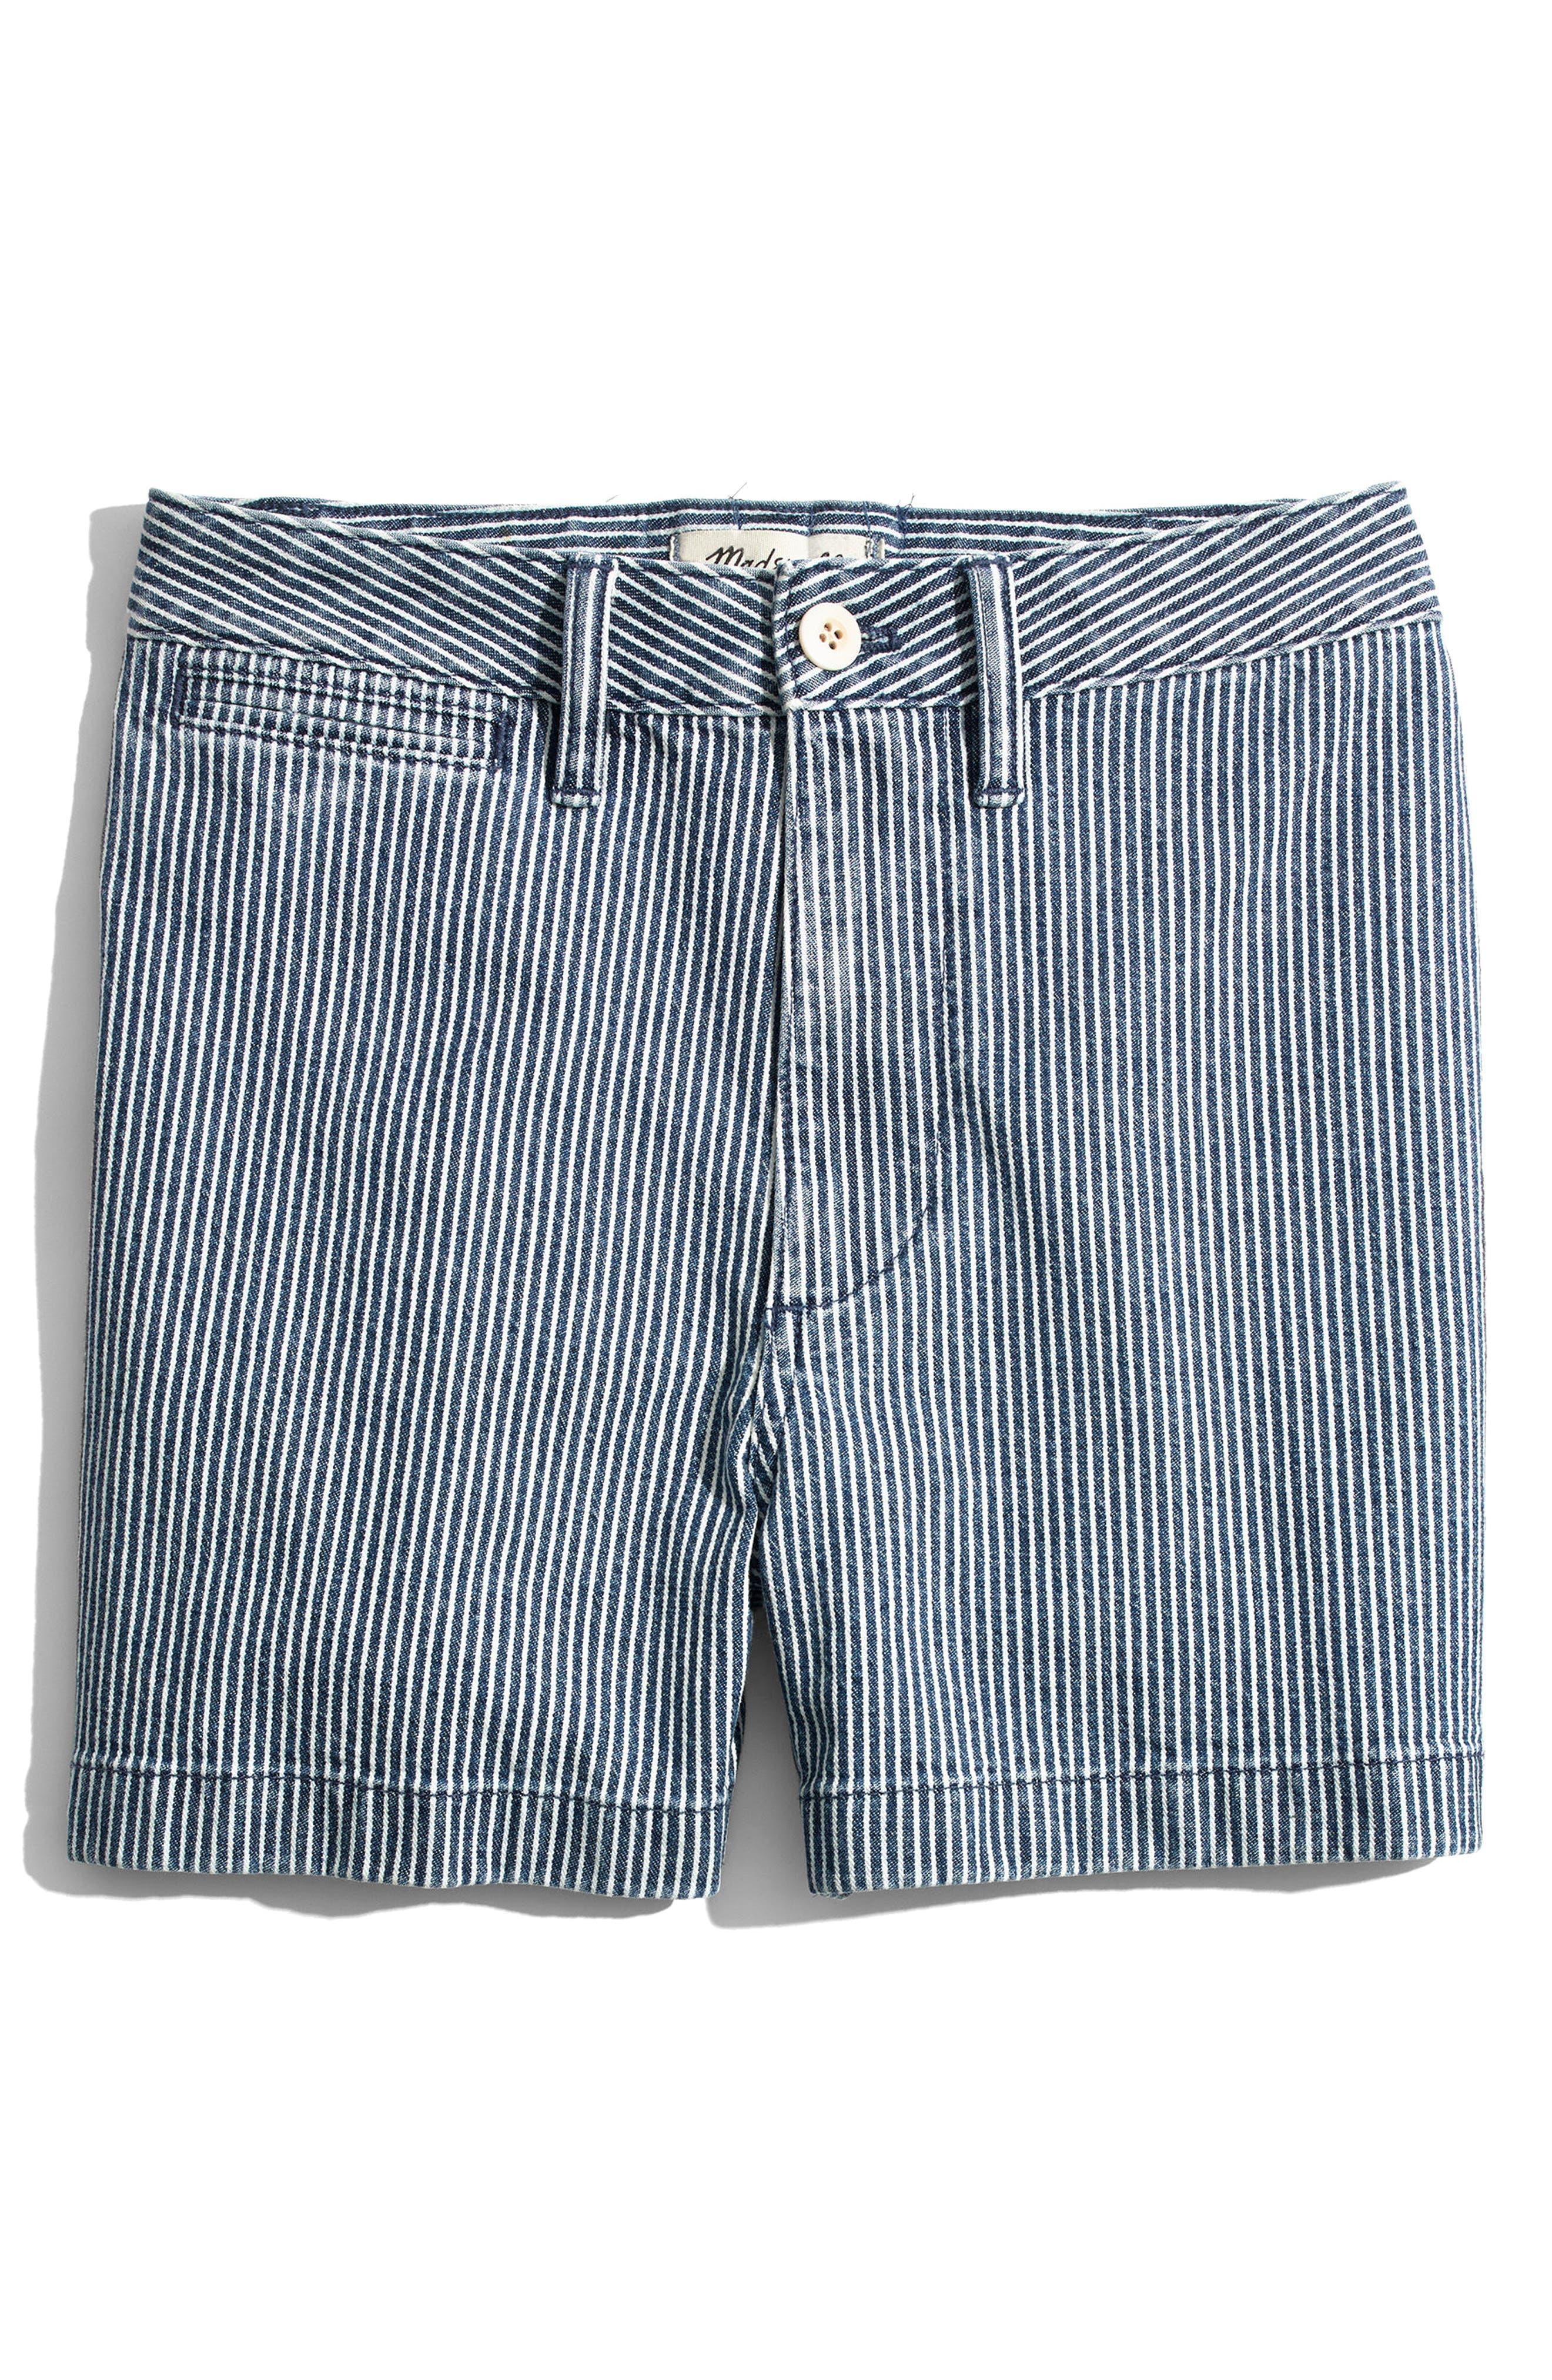 Emmett Stripe Denim Shorts,                             Alternate thumbnail 4, color,                             Piper Stripe